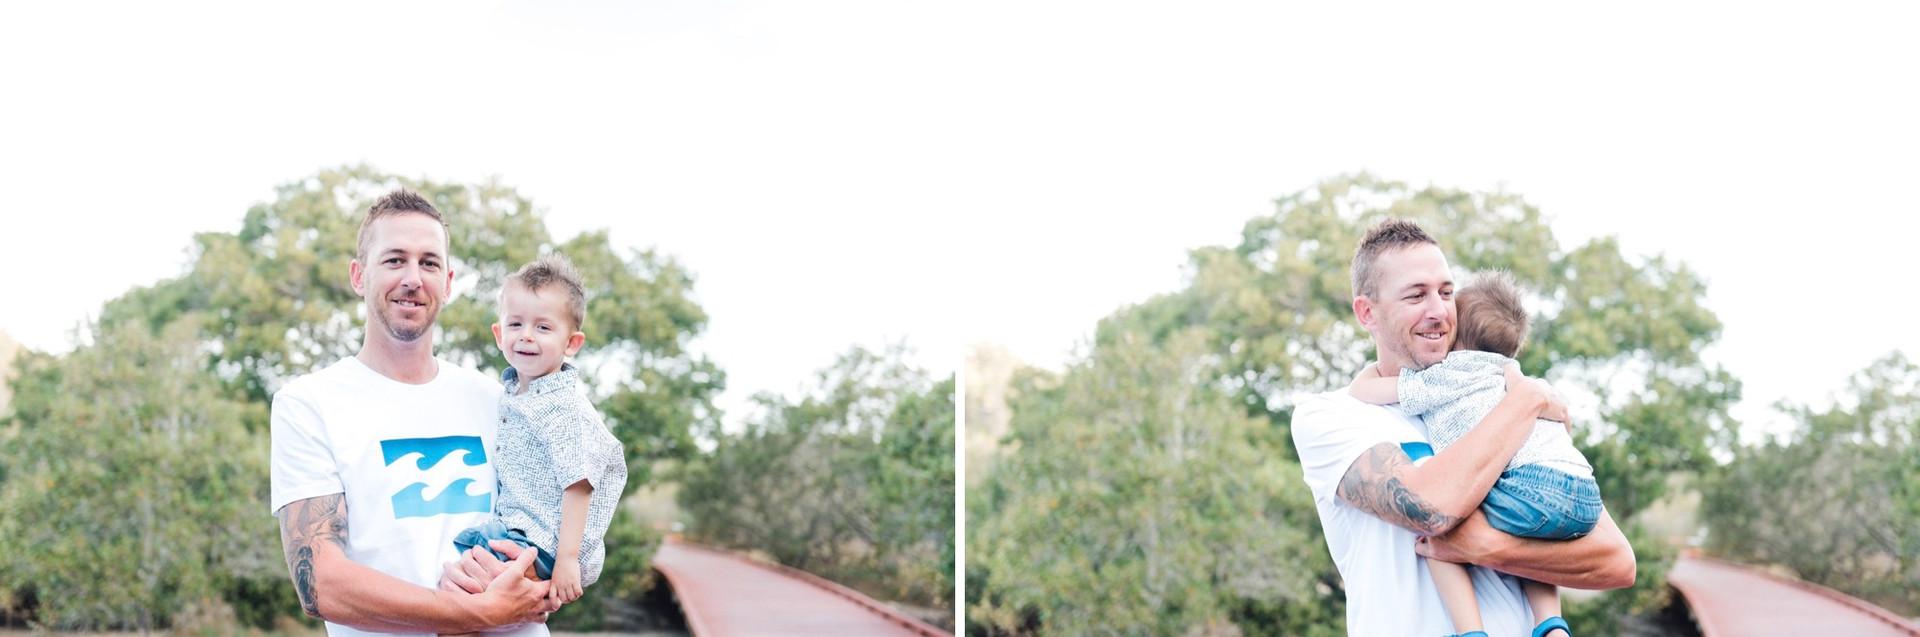 joy philippe photography, joy photography, gold coast family photography, family photographer, brisbane family photographer, currumbin, gold coast, queensland, australia, family, gold coast photographer, gold coast portrait photographer, gold coast family, family, affordable photographer gold coast, affordable family photographer gold coast